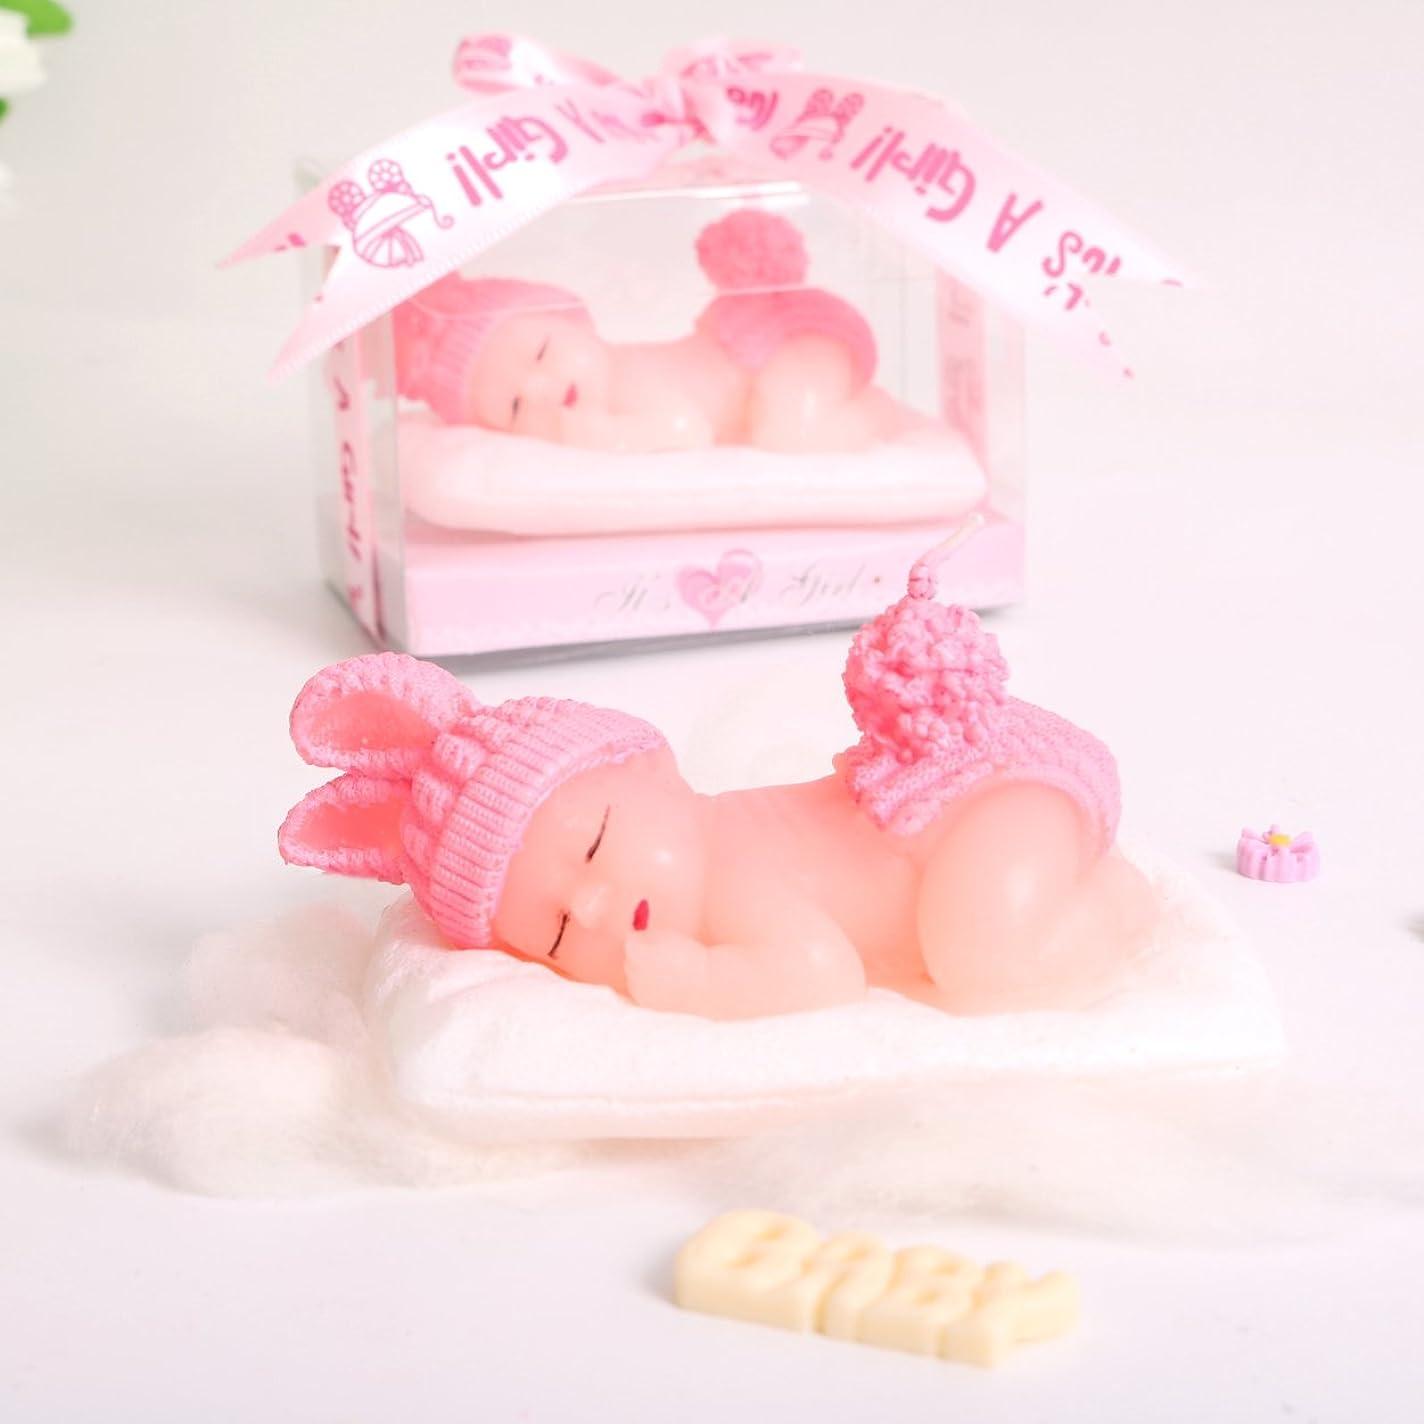 矢印ランダム磁石(1 Pack, It's a Girl) - Adorable Mini Baby Birthday Candle Christening Baby Shower Favours Attached with Greeting Card (Pink) Cake Topper Party Decoration